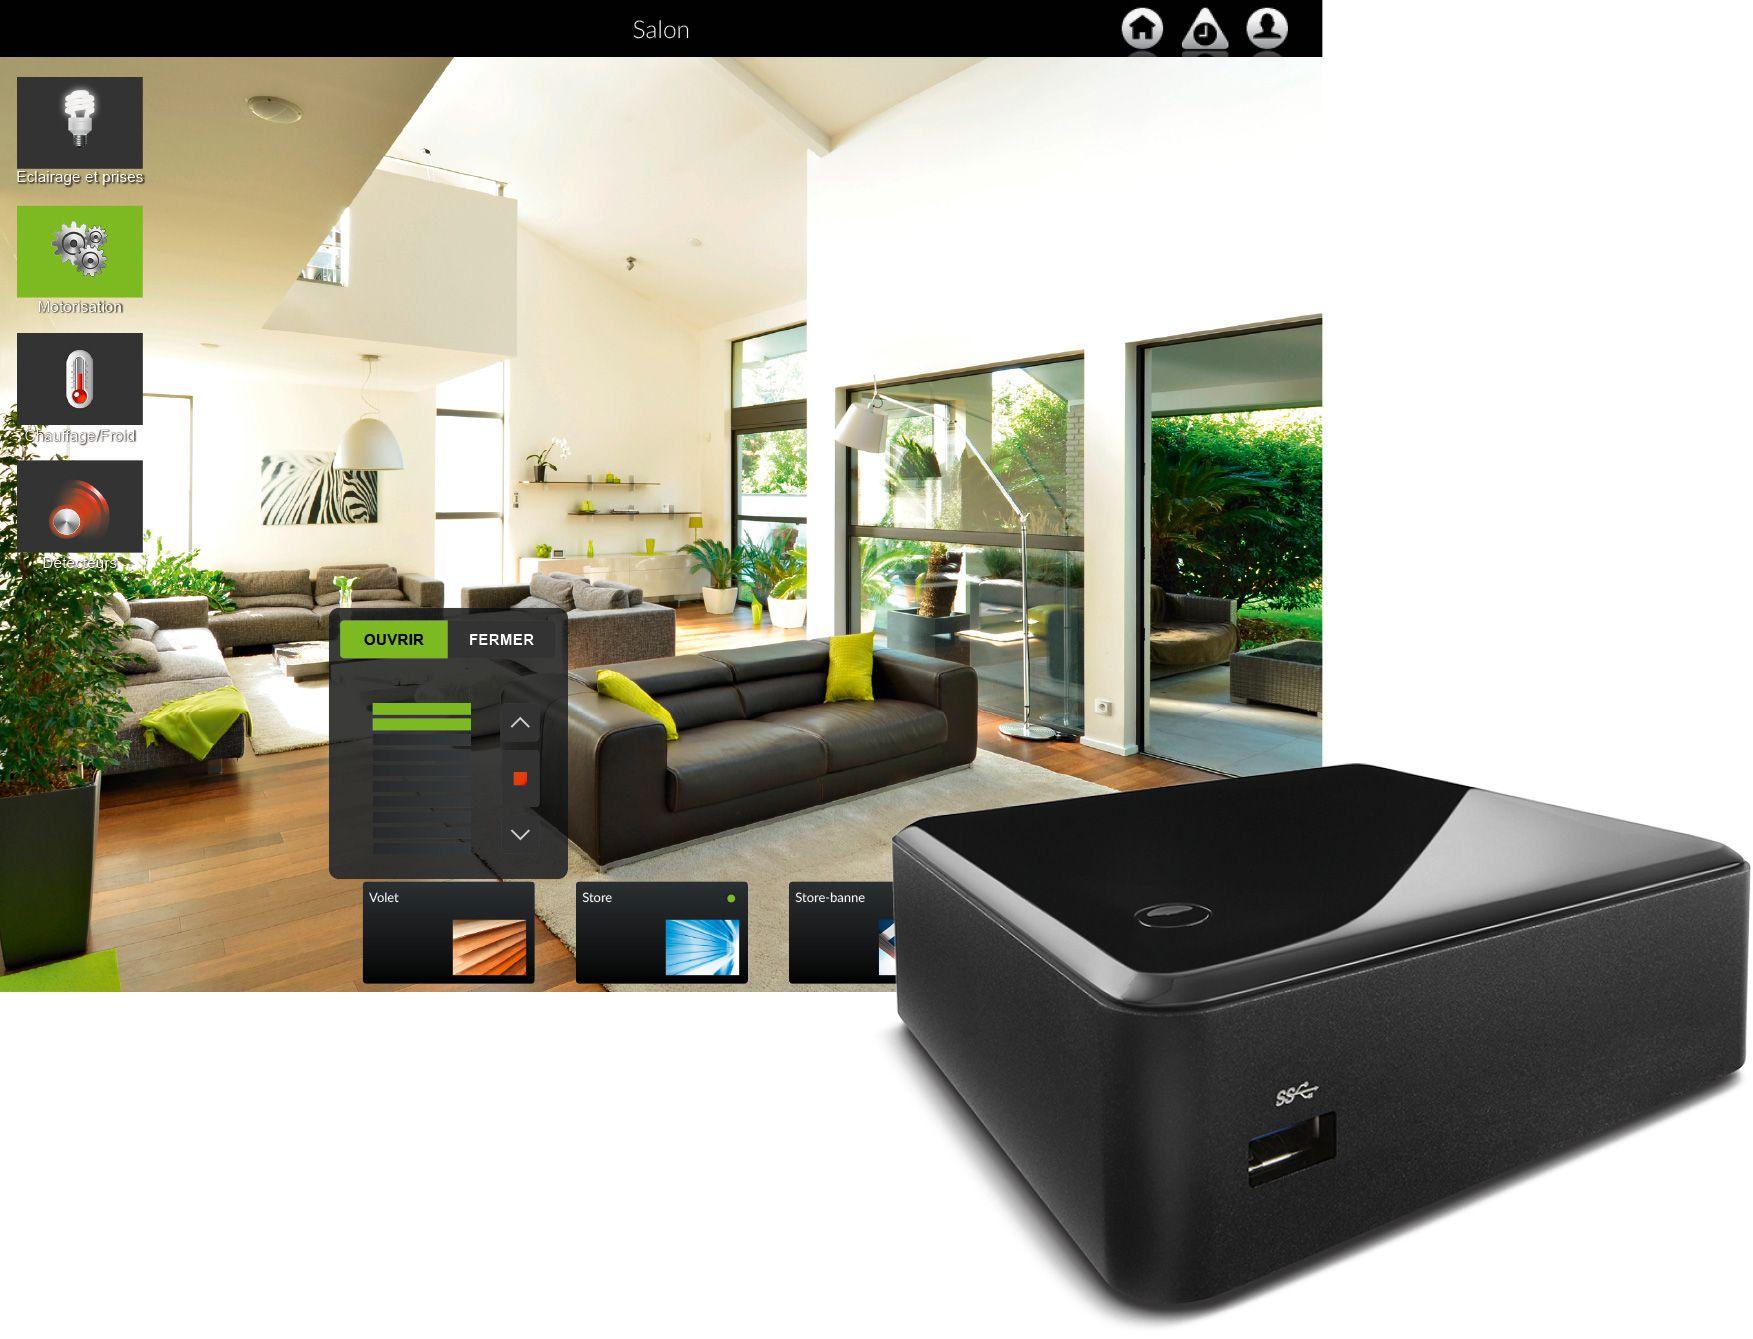 Box domotique connectée fedomus optimise votre confort